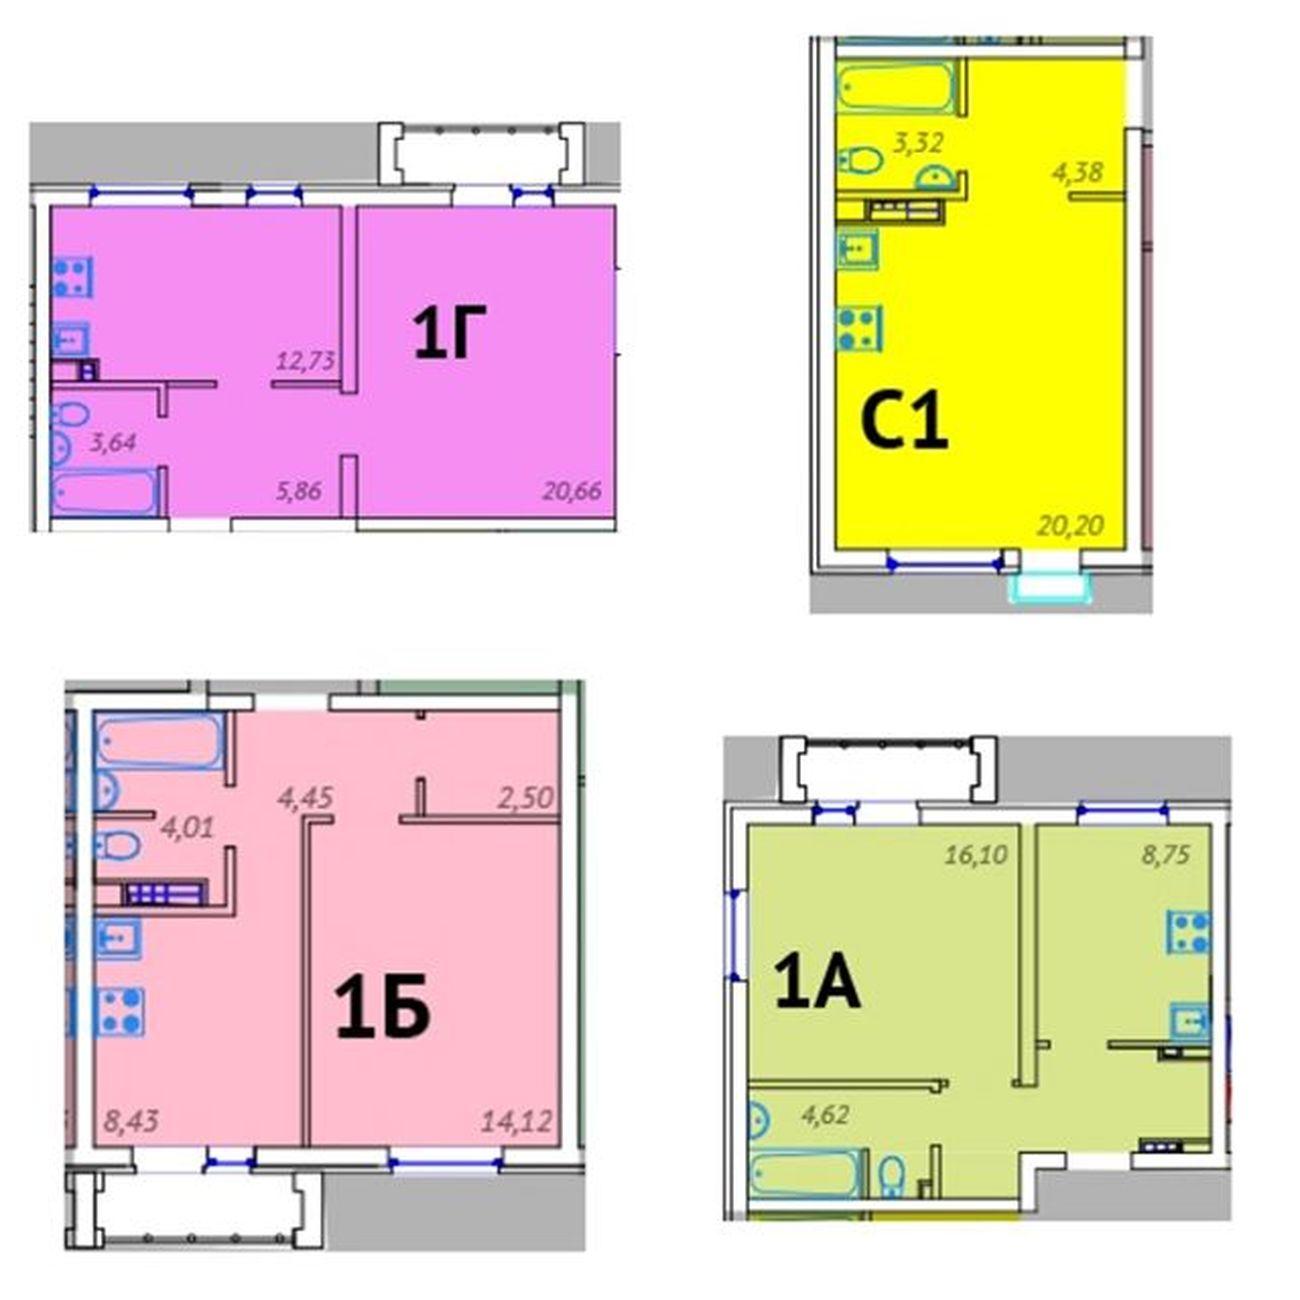 Новый дом ГП-4 в ЖК «Клевер» 1-комн. от 1500 тыс. руб. Тюмень Tyumen новостройкитюмени квартира  скидки новостройка